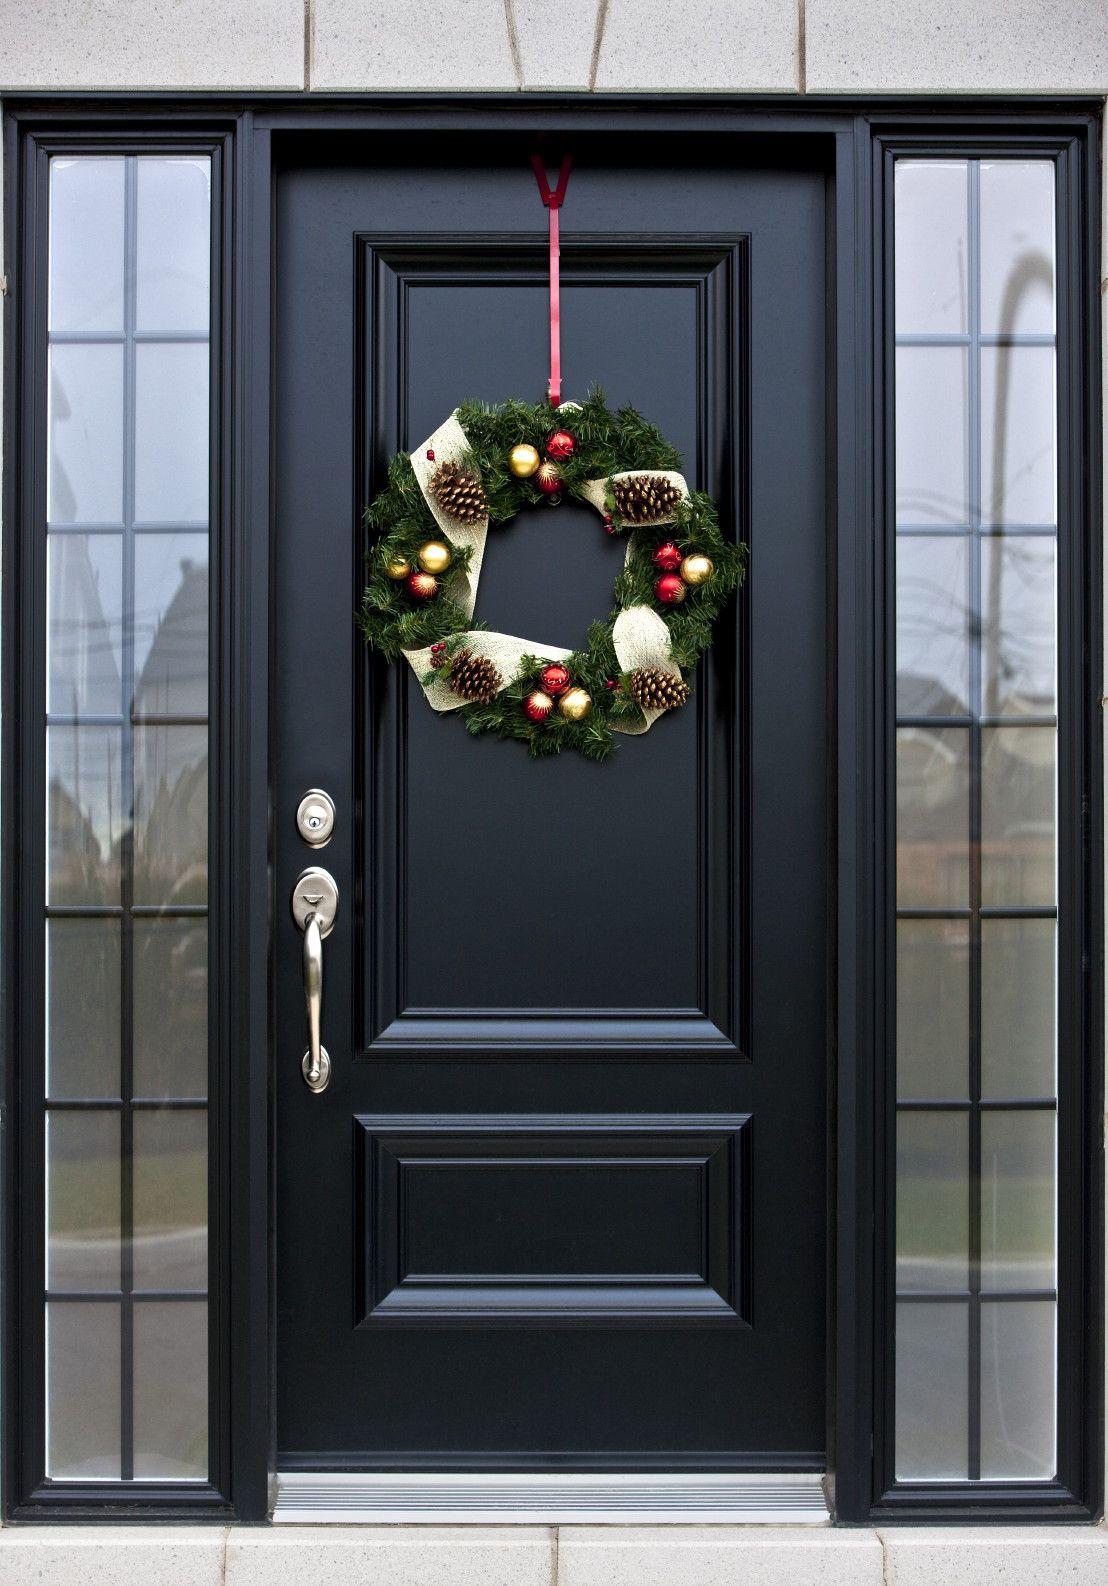 Delightful Einfache Dekoration Und Mobel Moderne Fenster Energiesparend Und Einbruchssicher #11: Rund Ums Haus